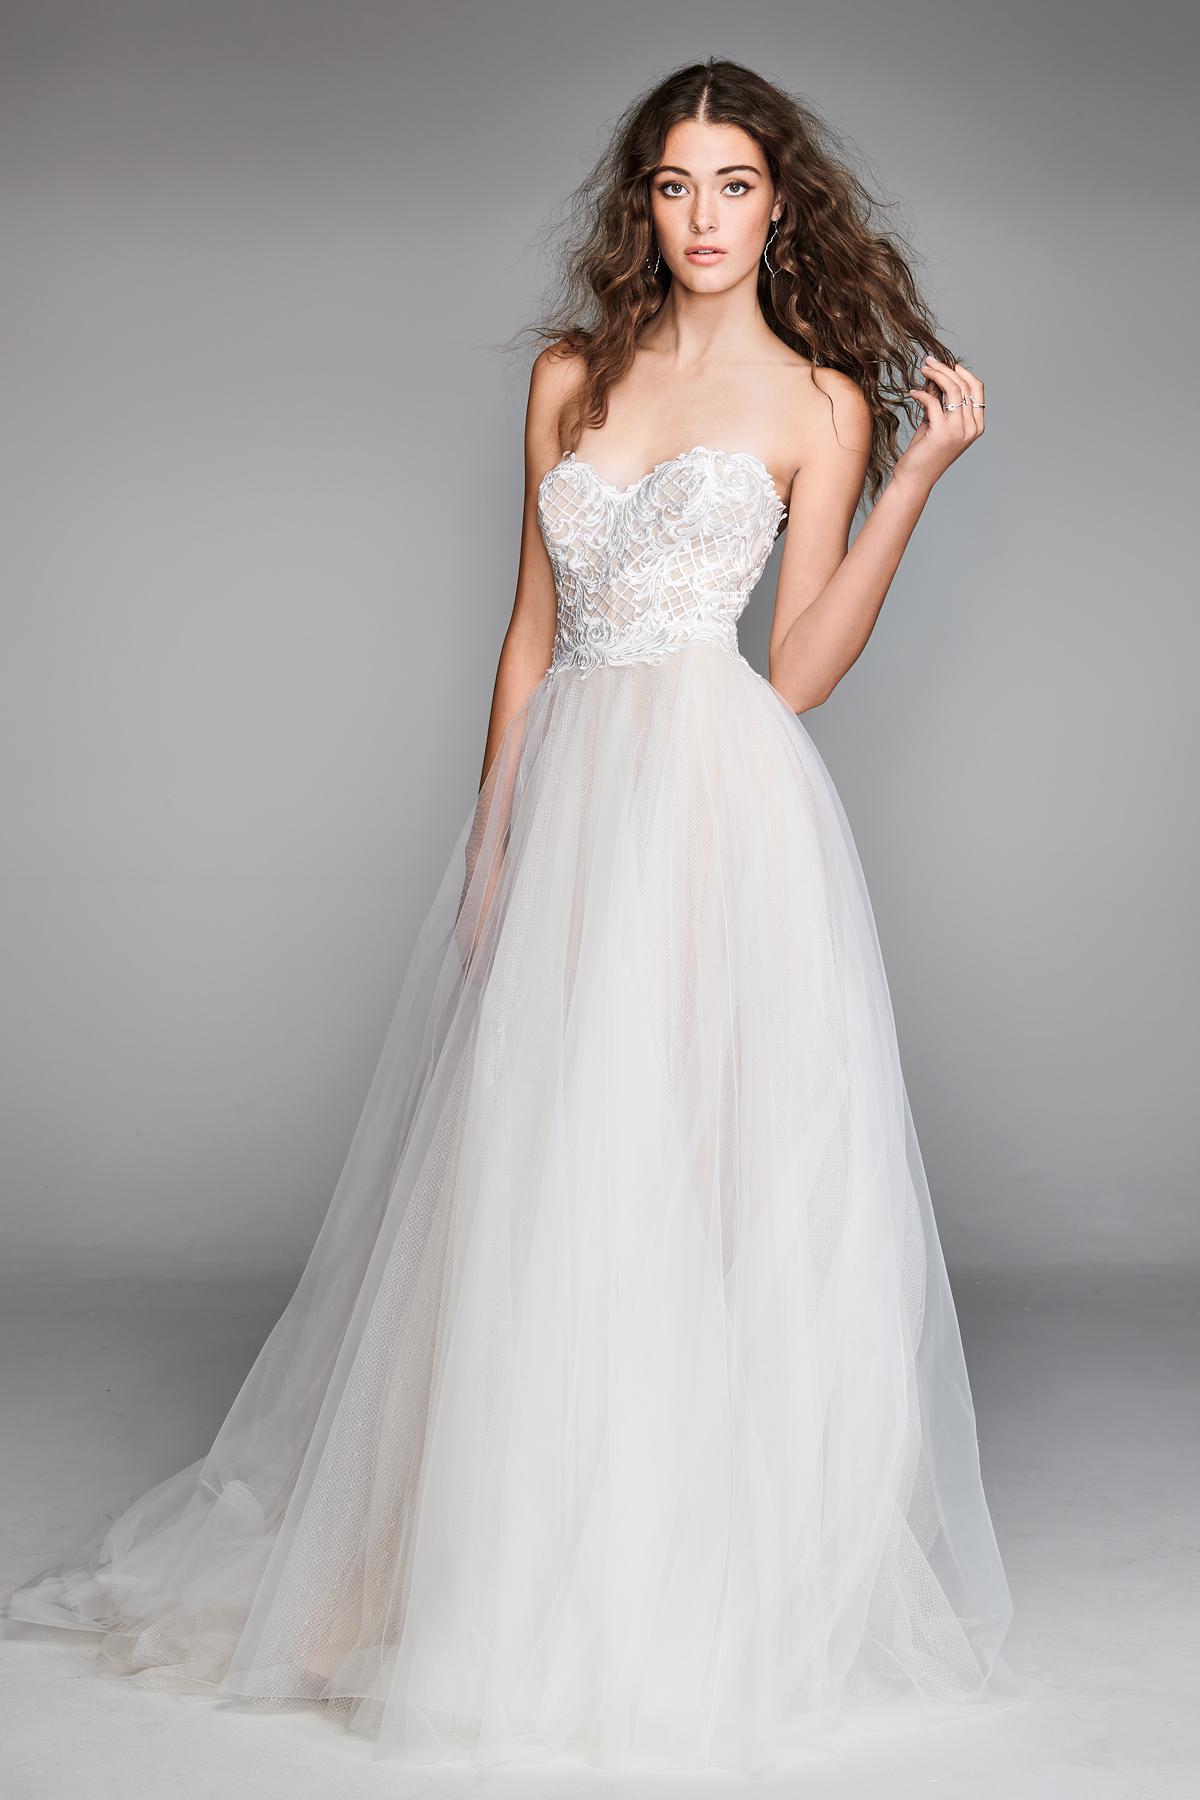 willowby by watters 2018 sweetheart chiffon wedding dress